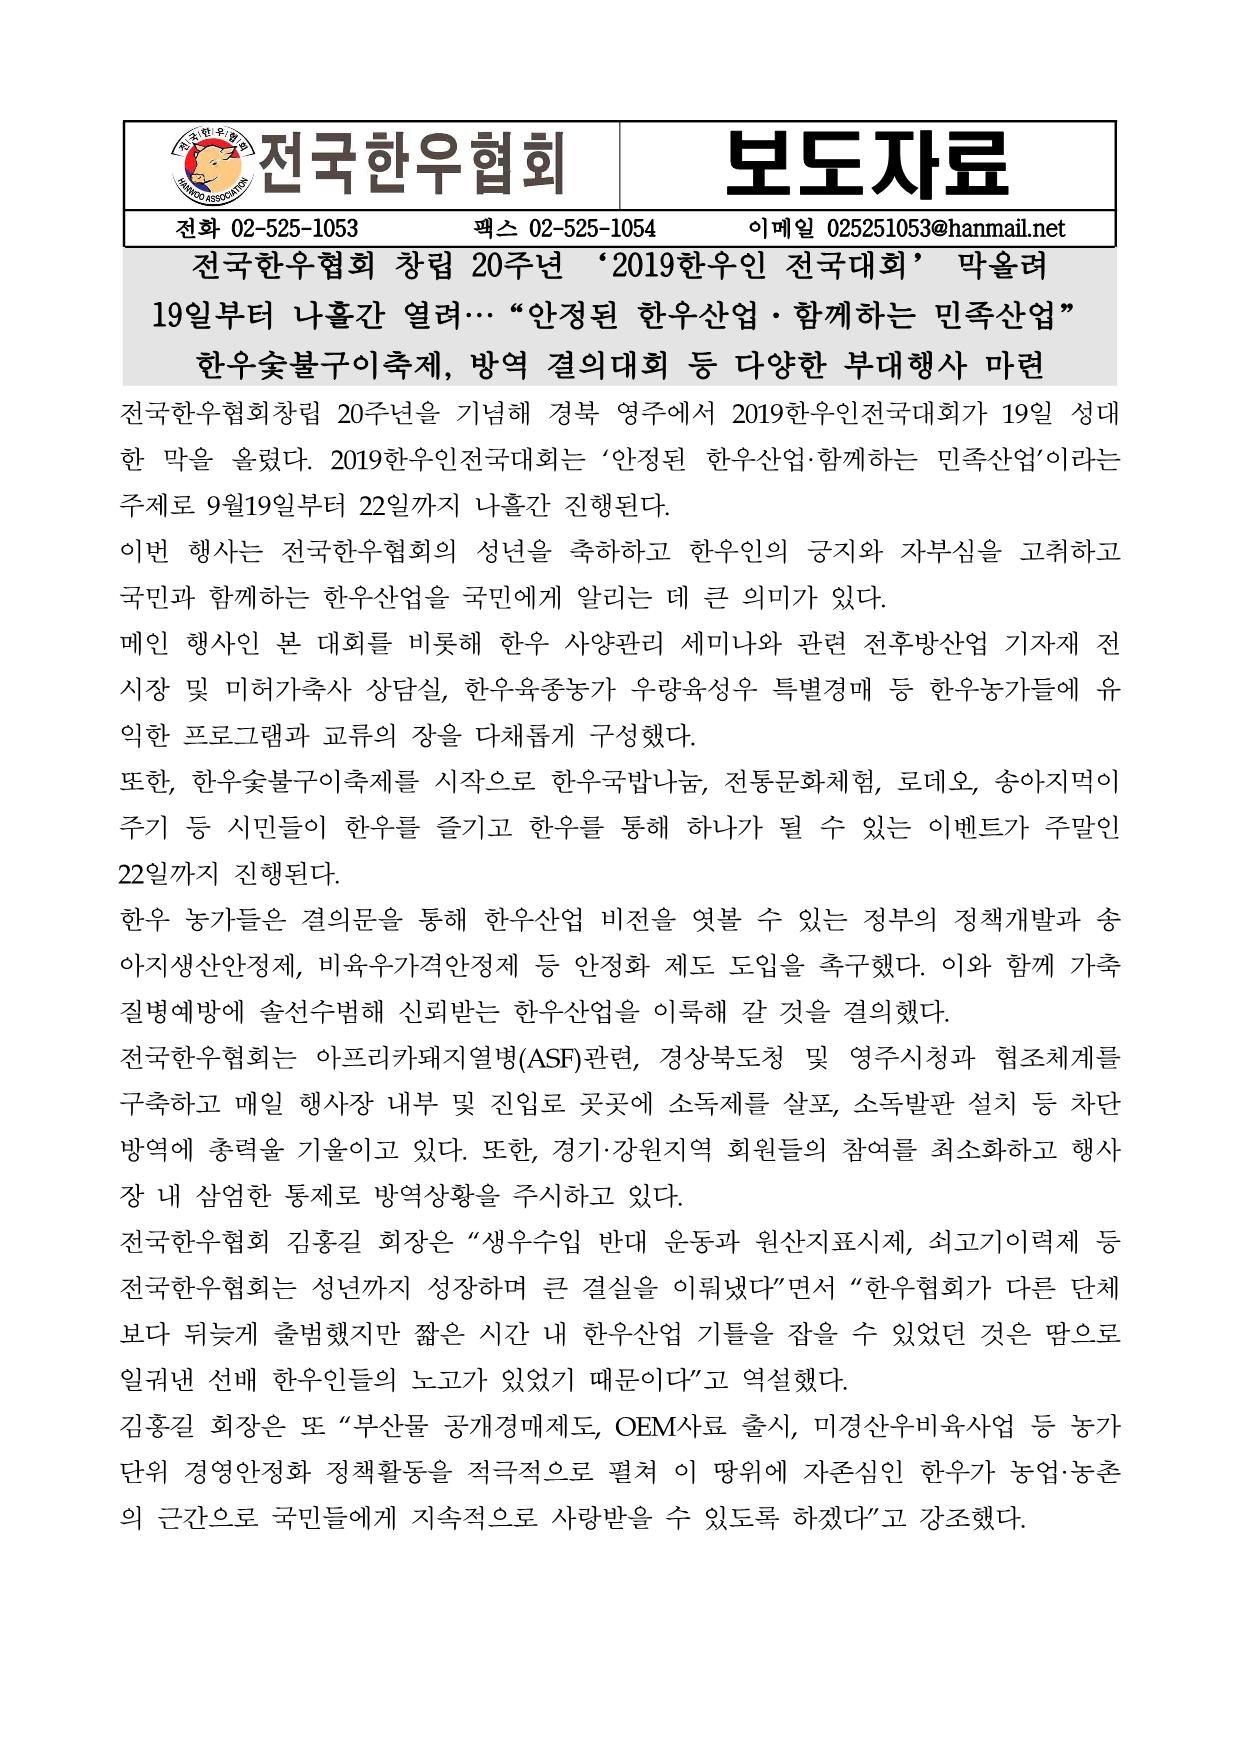 9.19 (보도자료) 2019한우인전국대회 개최_1.png